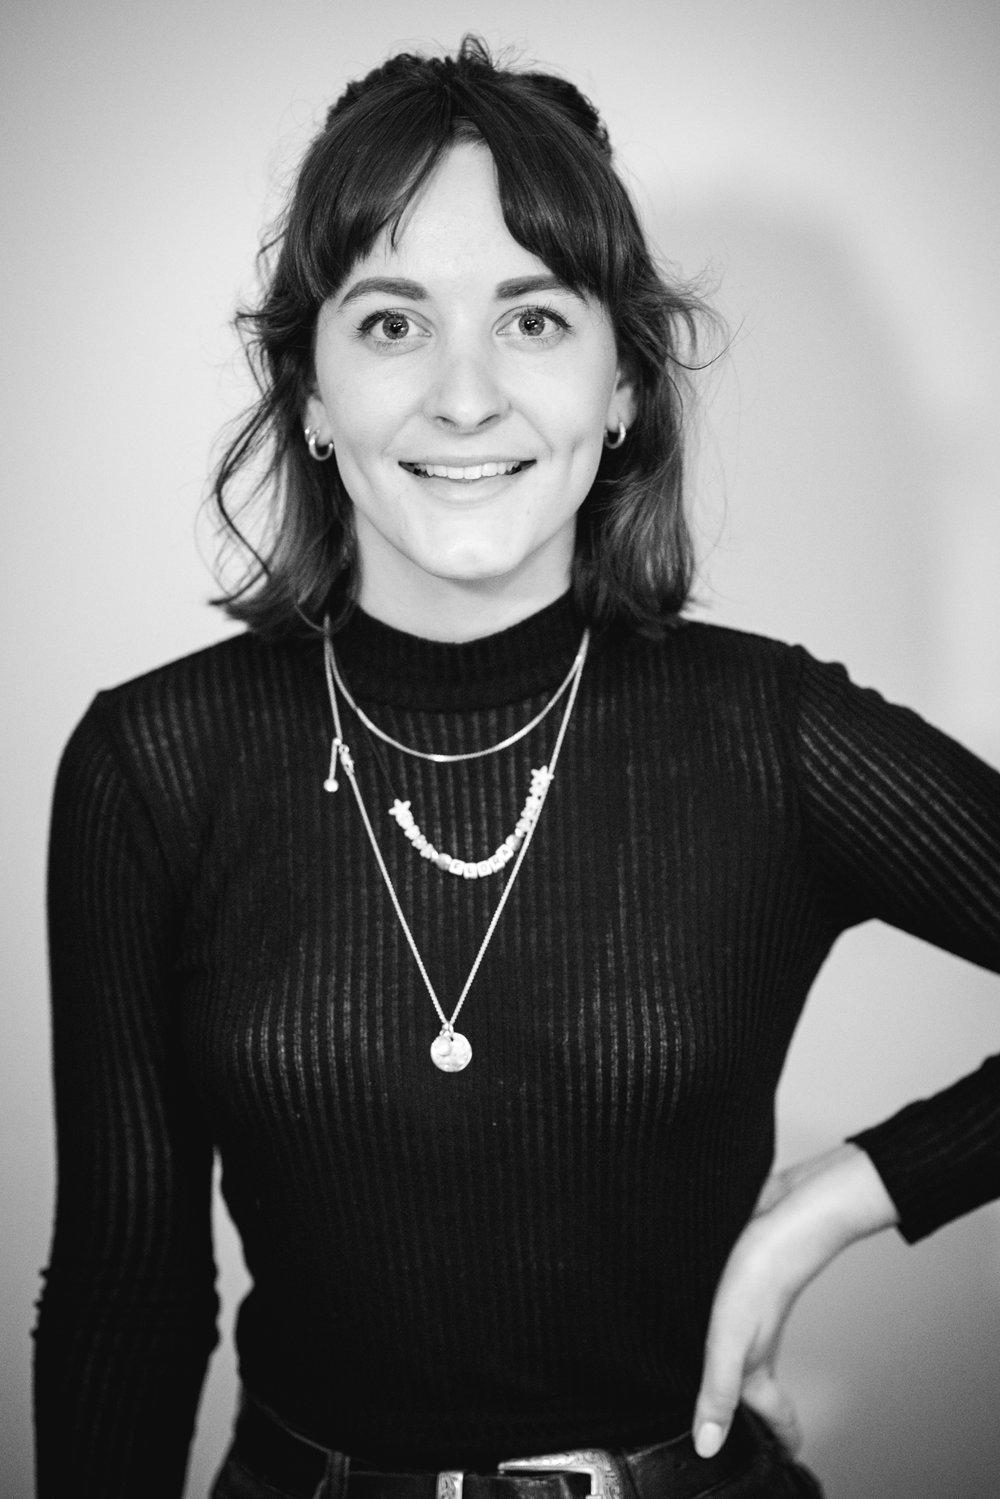 Flora Stafford, Fashion Director